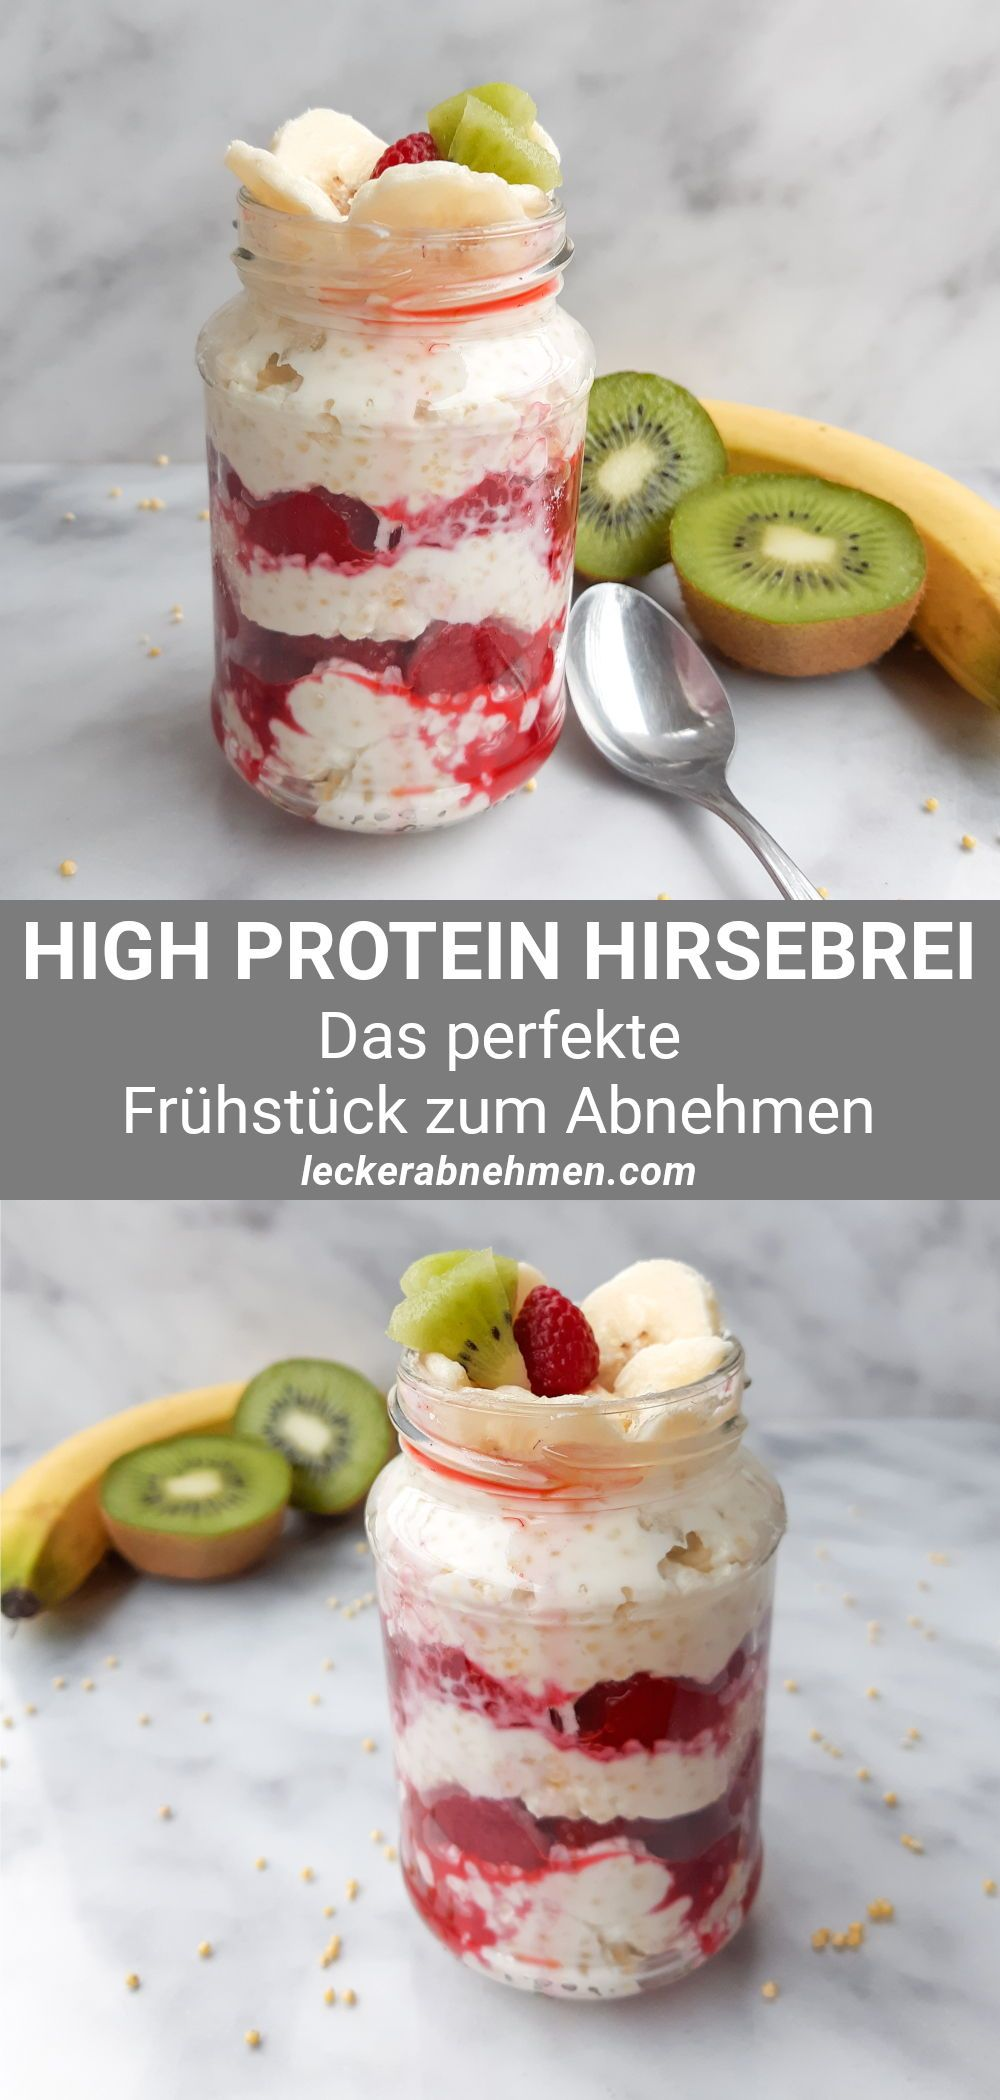 Hirsebrei mit Himbeeren – Leckeres Hirse Frühstück zum Abnehmen